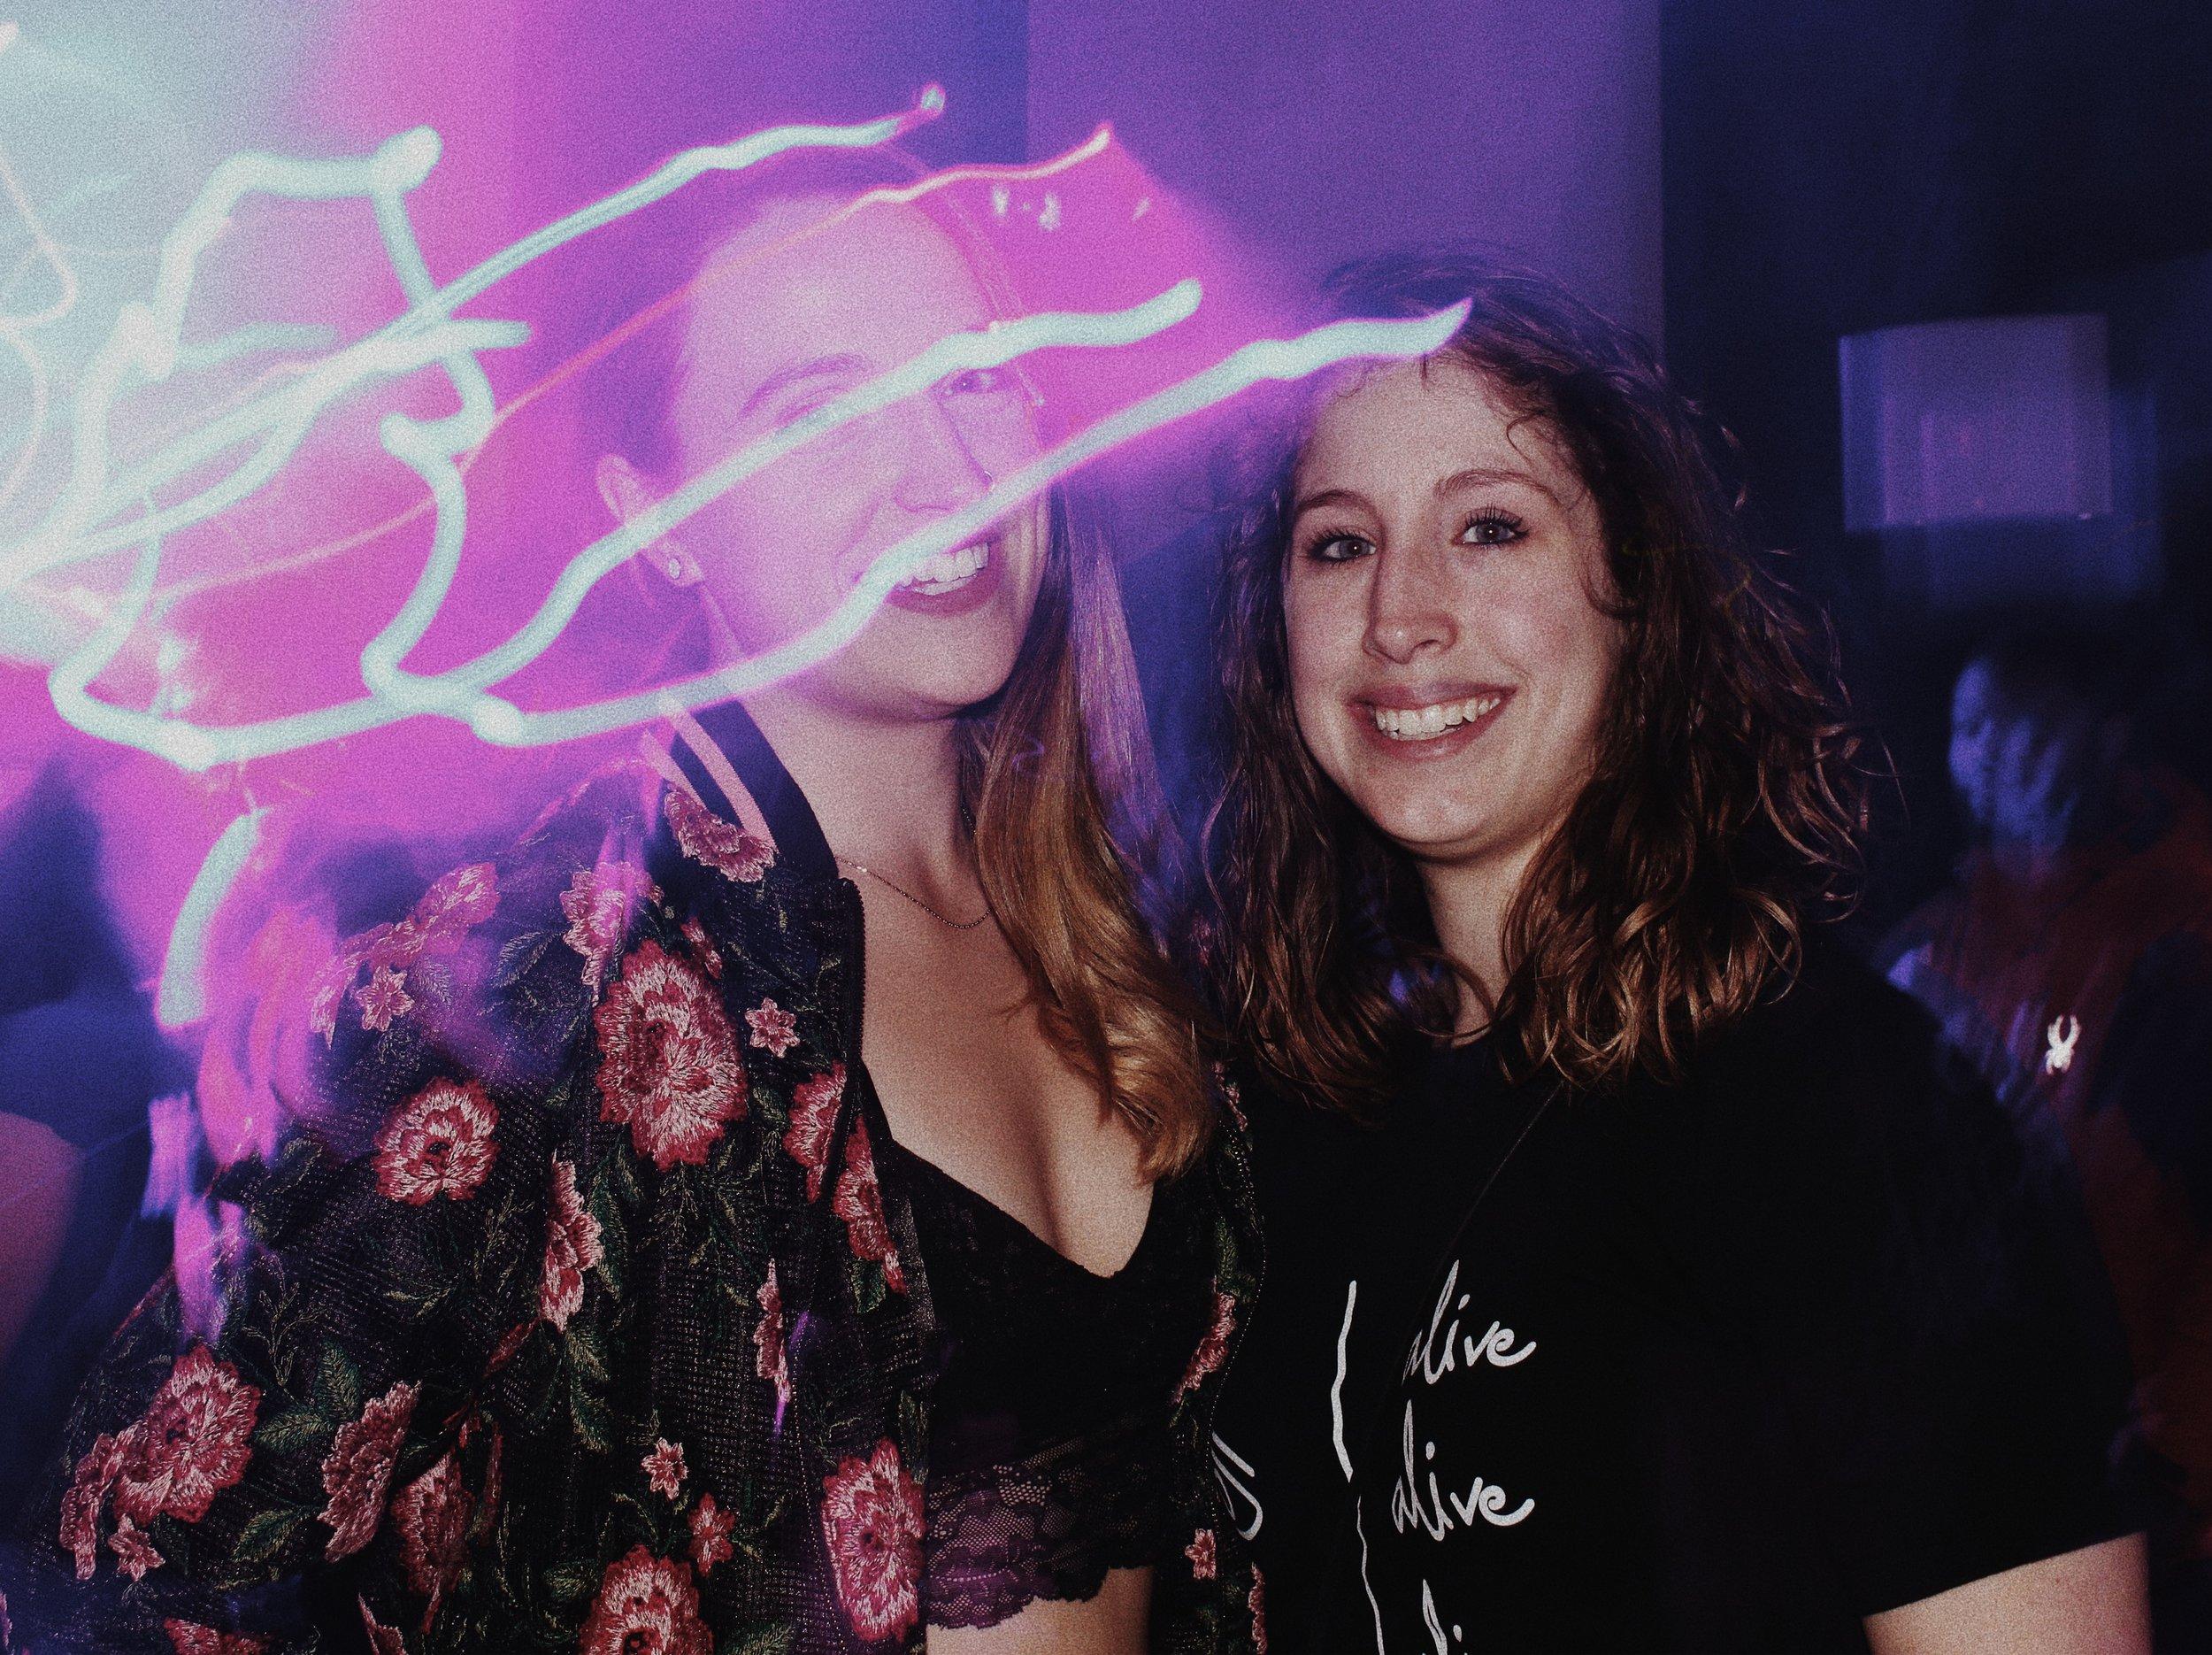 Kristen Voorhees and Dani Kightlinger of QREW D.C.